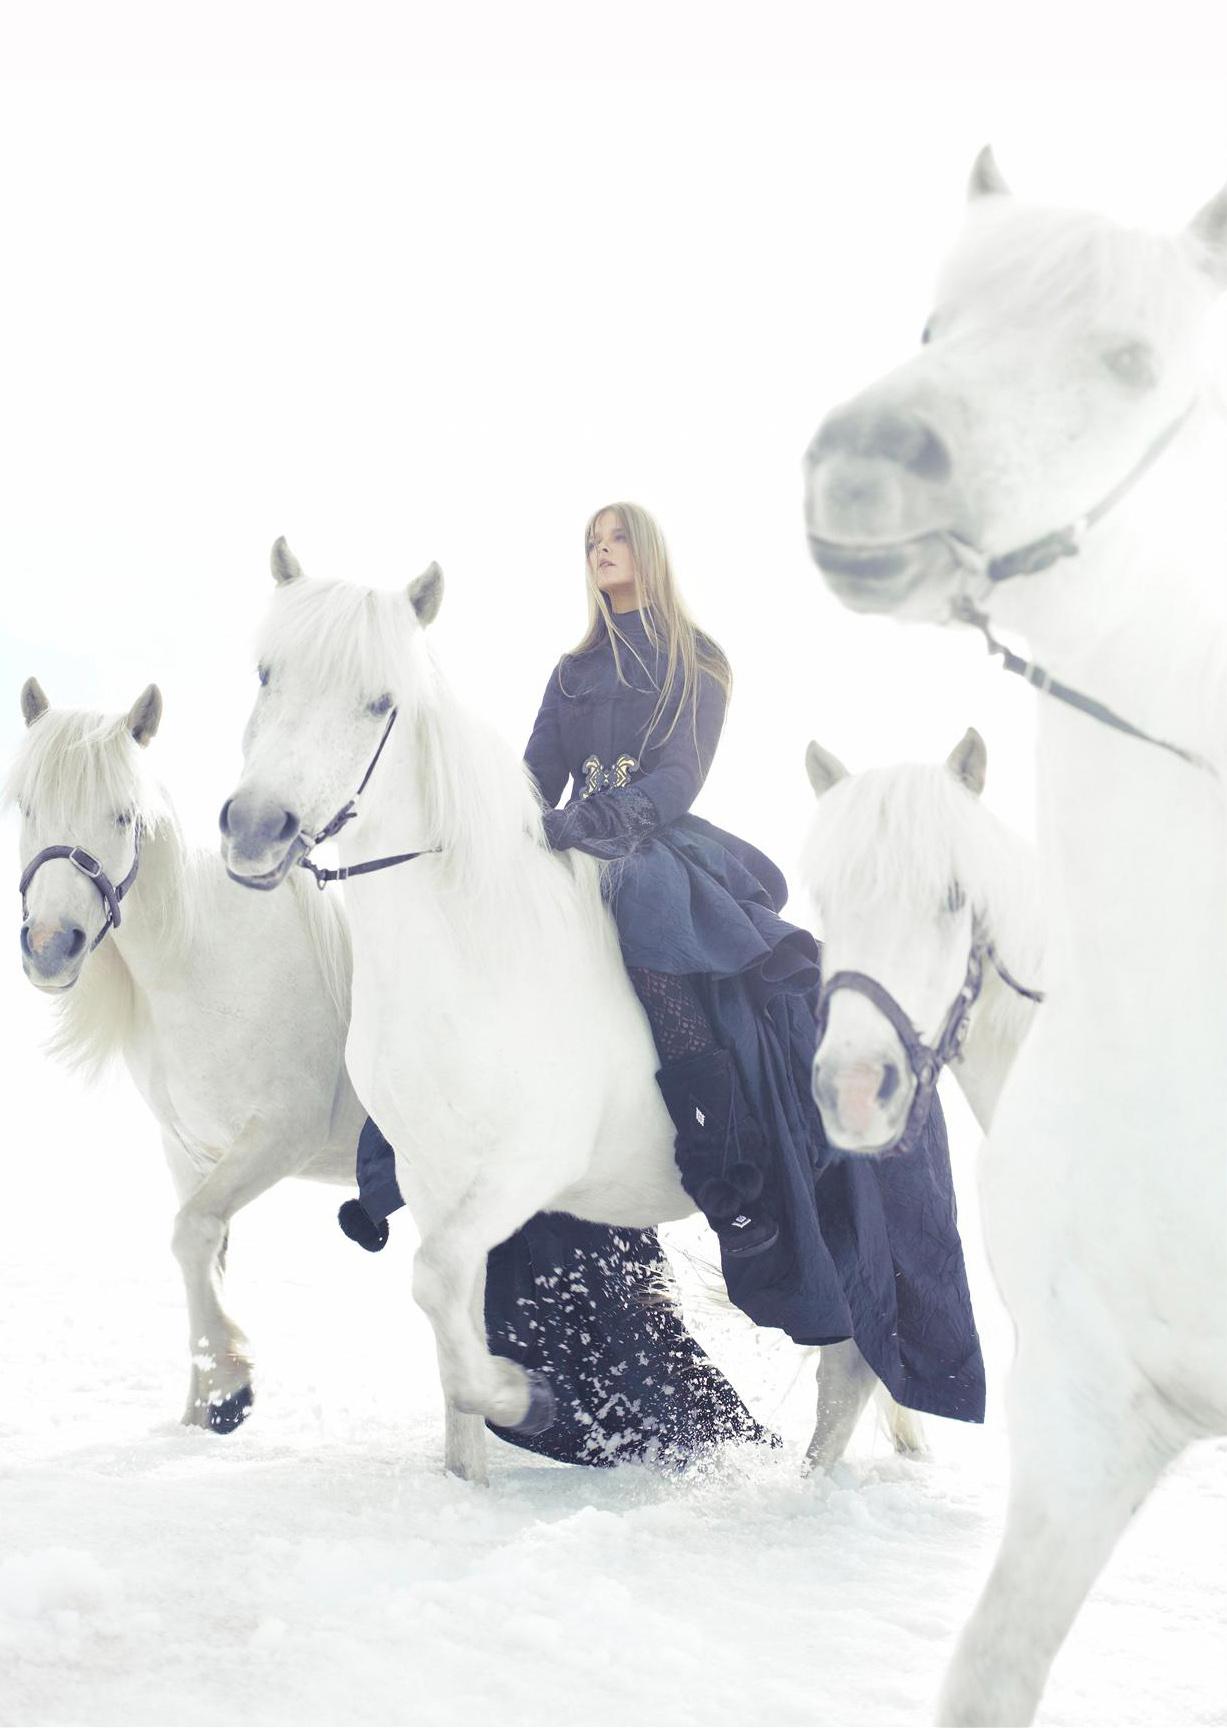 пальто, Prada; платье, Donna Karan; свитер, Louis Vuitton; перчатки, Jean Paul Gaultier; сапоги, Manitobah Mukluks